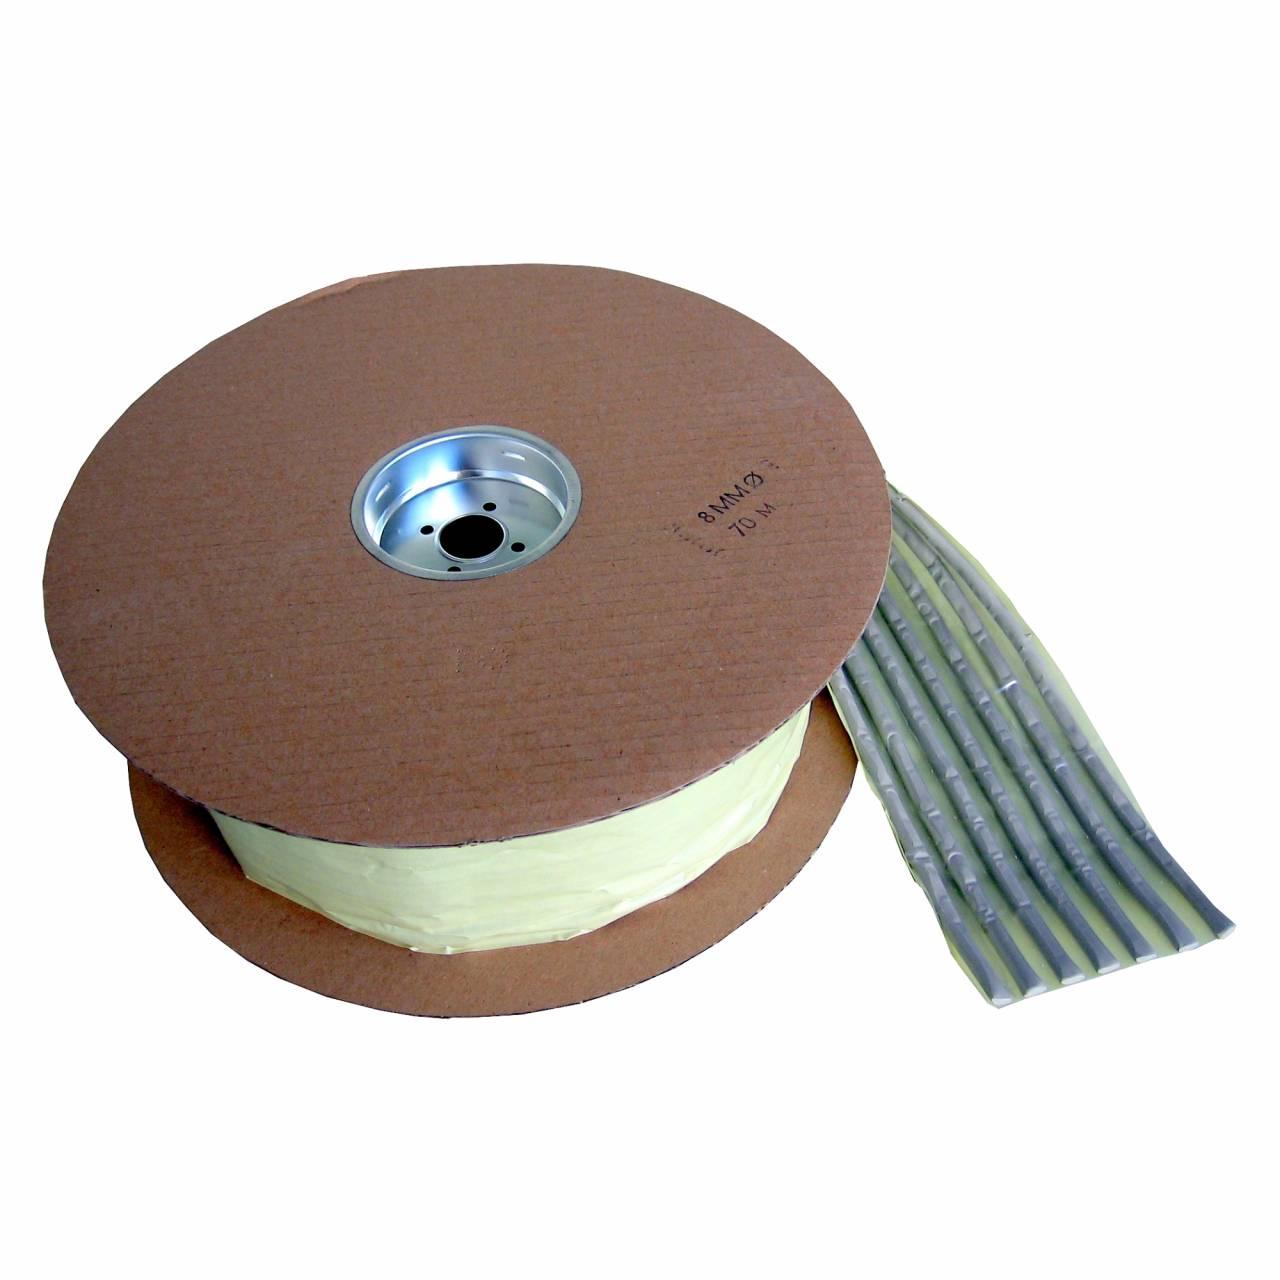 Dichtschnur 'PT644' Ø 8 mm x 70,0 m Rolle